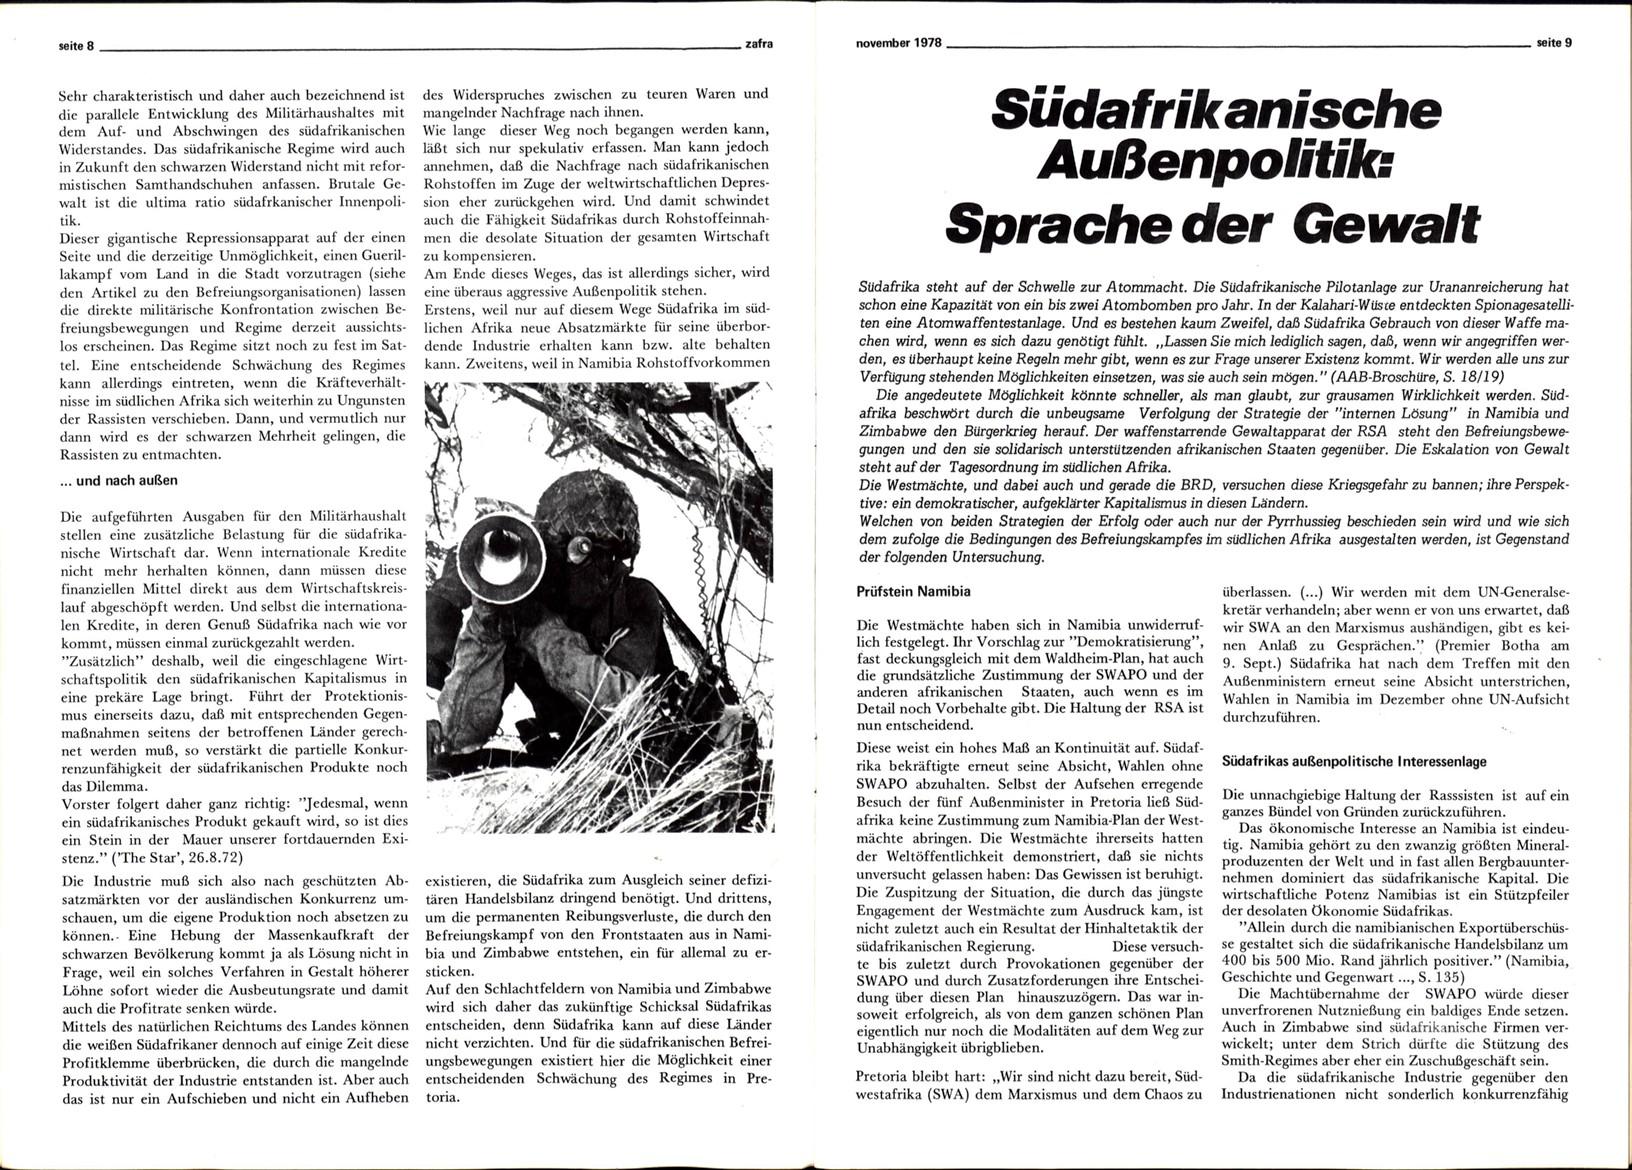 Bonn_ZAFRA_06_19781100_05